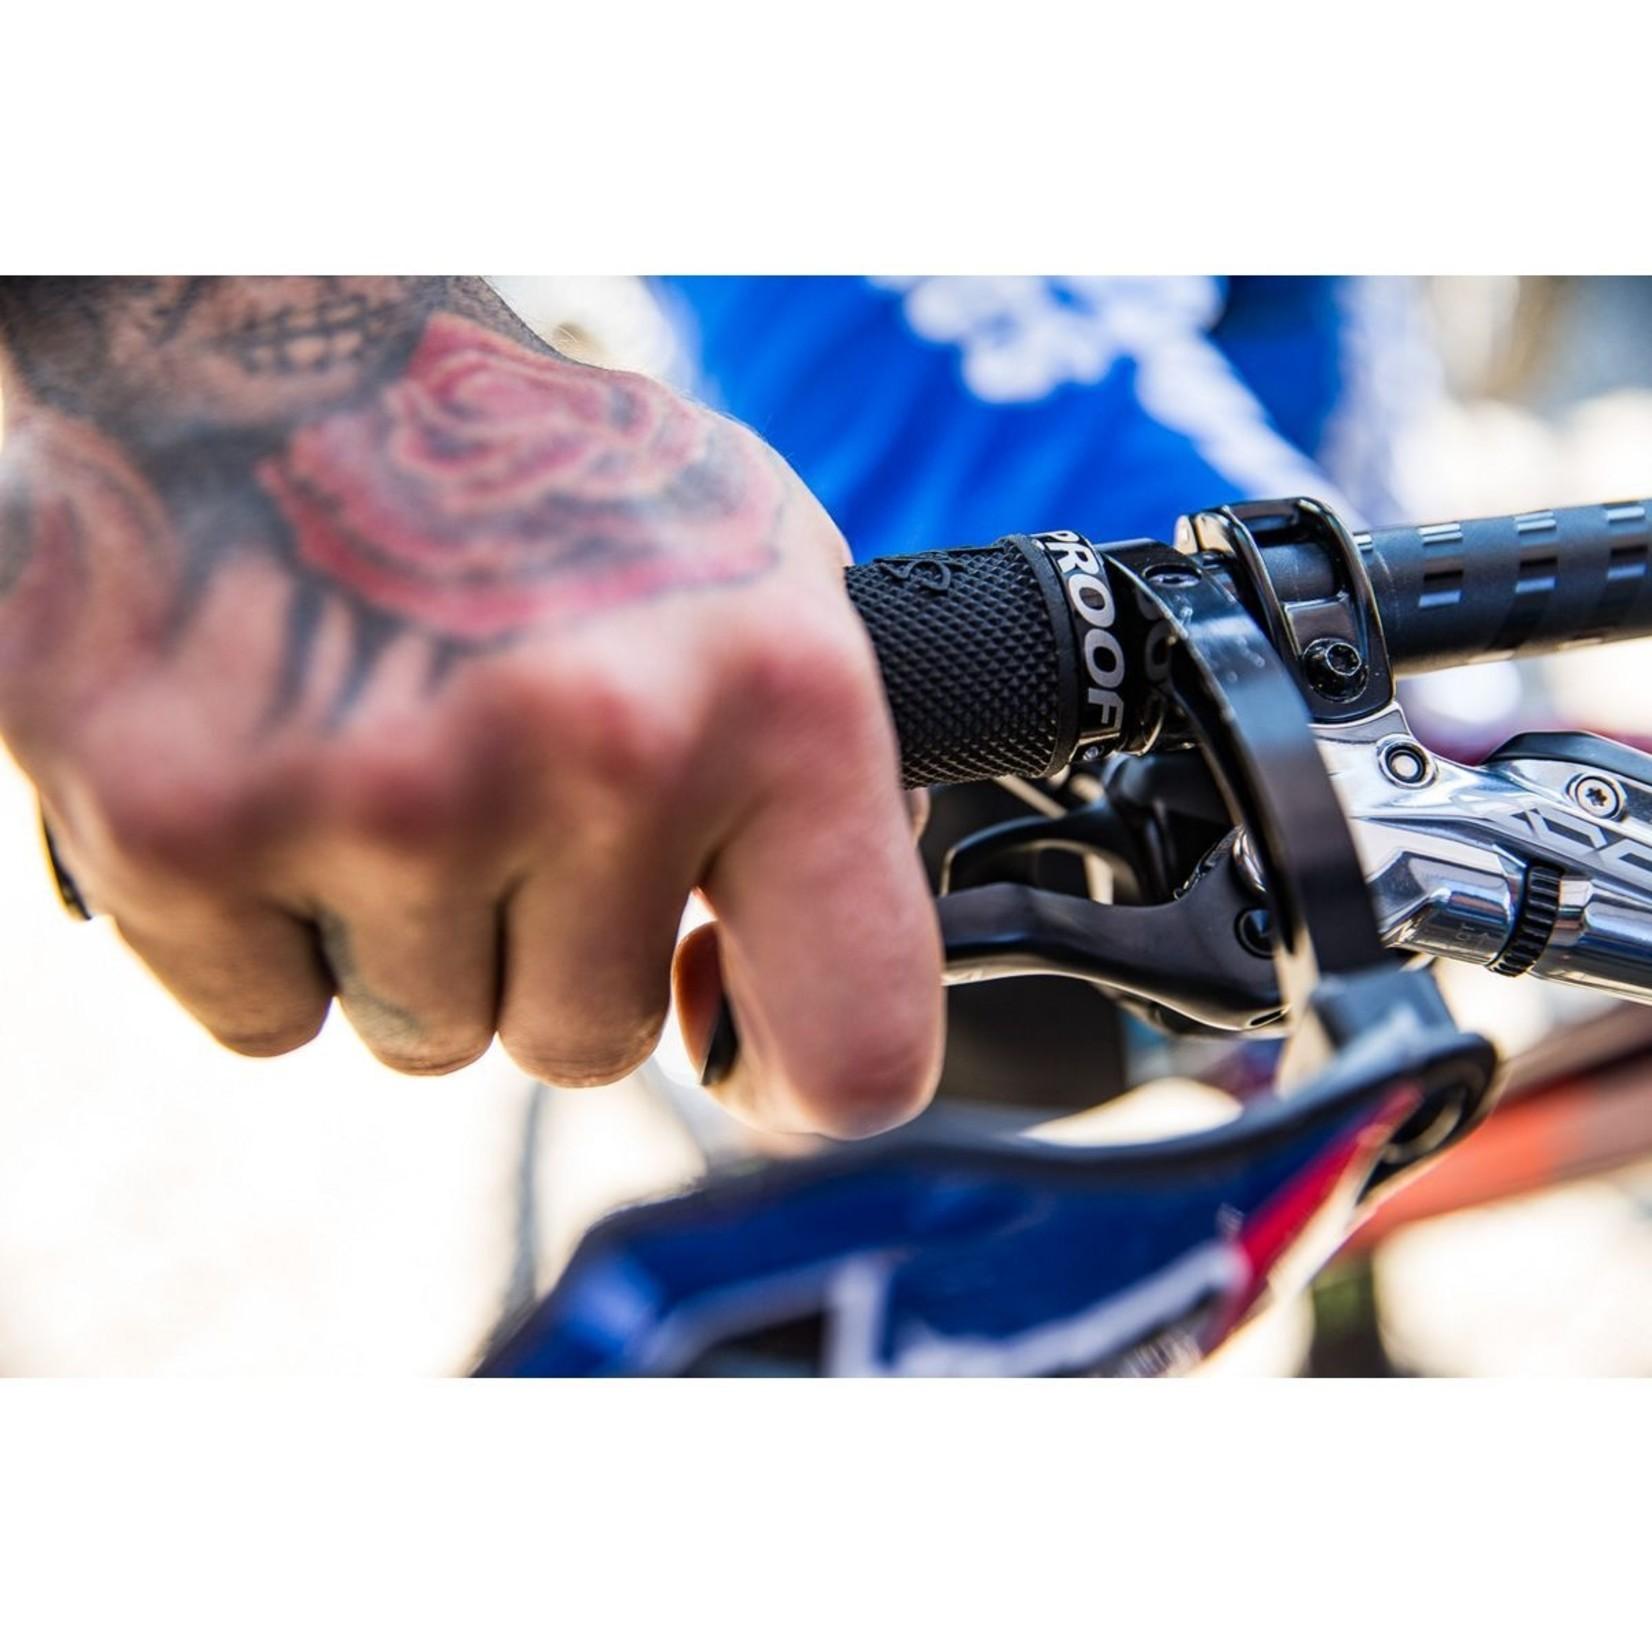 Nukeproof Sam Hill Enduro Race Grip Black